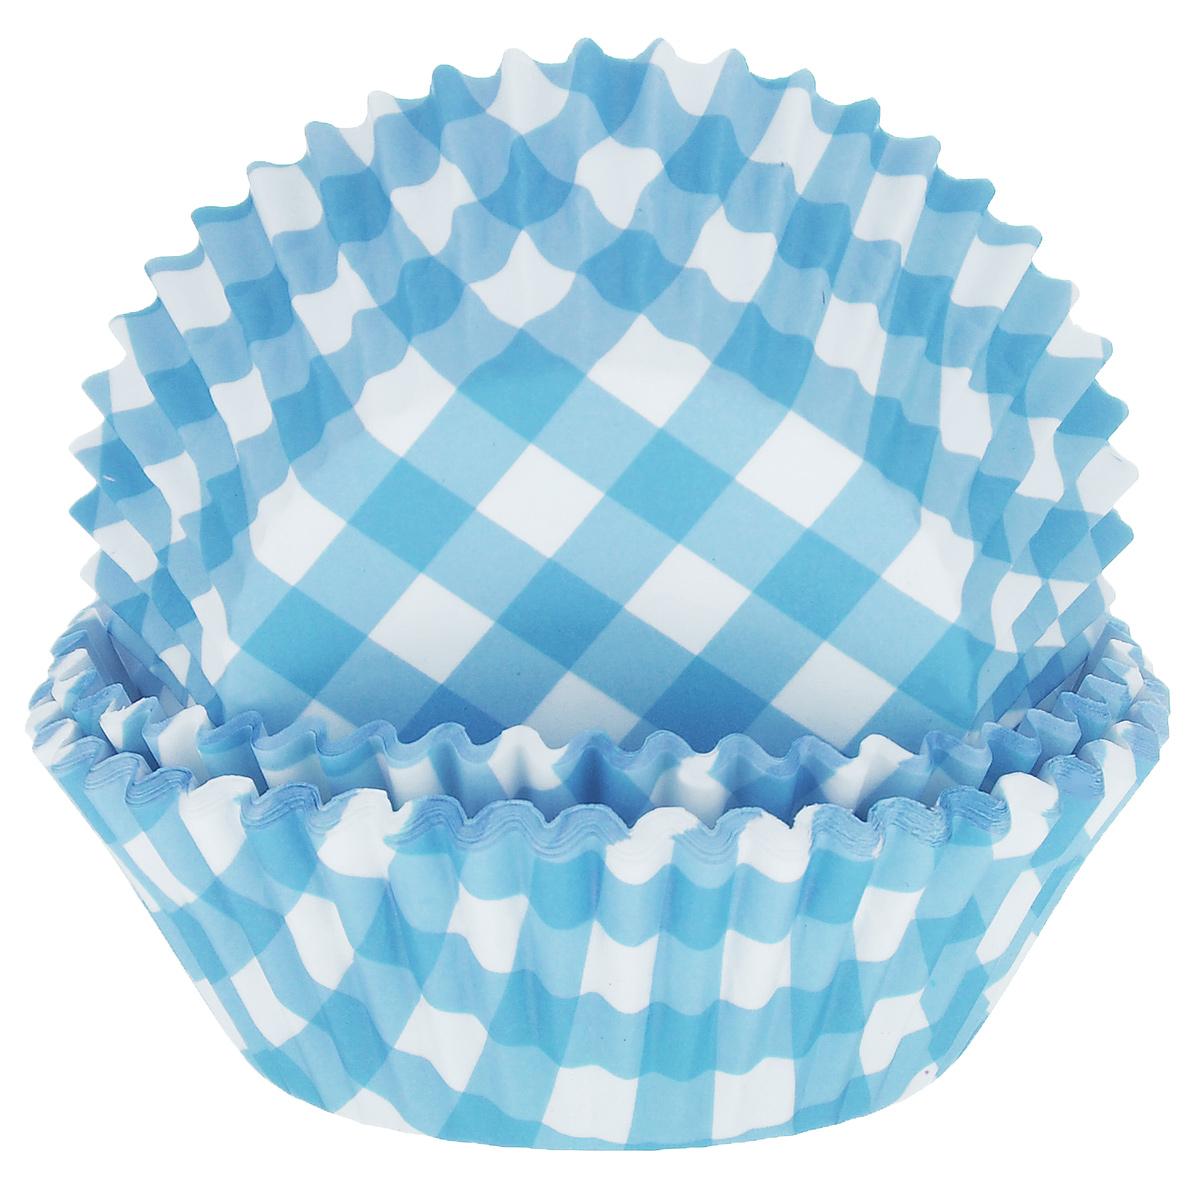 Набор бумажных форм для кексов Dolce Arti Клетка, цвет: голубой, диаметр 5 см, 50 шт94672Набор Dolce Arti Клетка состоит из 50 бумажных форм для кексов, оформленных принтом в клетку. Они предназначены для выпечки и упаковки кондитерских изделий, также могут использоваться для сервировки орешков, конфет и много другого. Для одноразового применения. Гофрированные бумажные формы идеальны для выпечки кексов, булочек и пирожных.Высота стенки: 3 см. Диаметр (по верхнему краю): 7 см.Диаметр дна: 5 см.